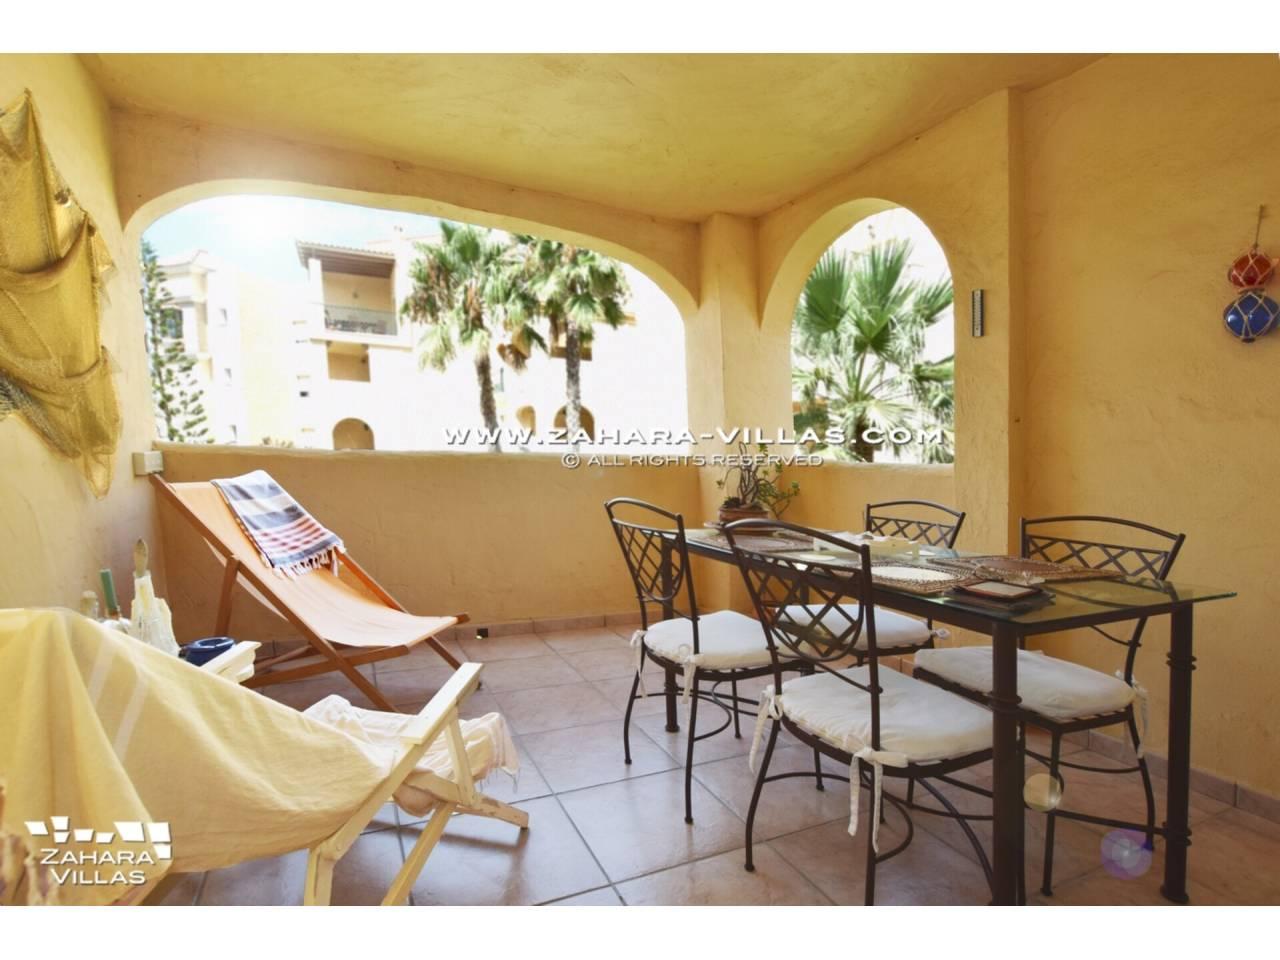 Imagen 2 de Coqueto apartamento en venta en urbanización Jardines de Zahara - Atlanterra